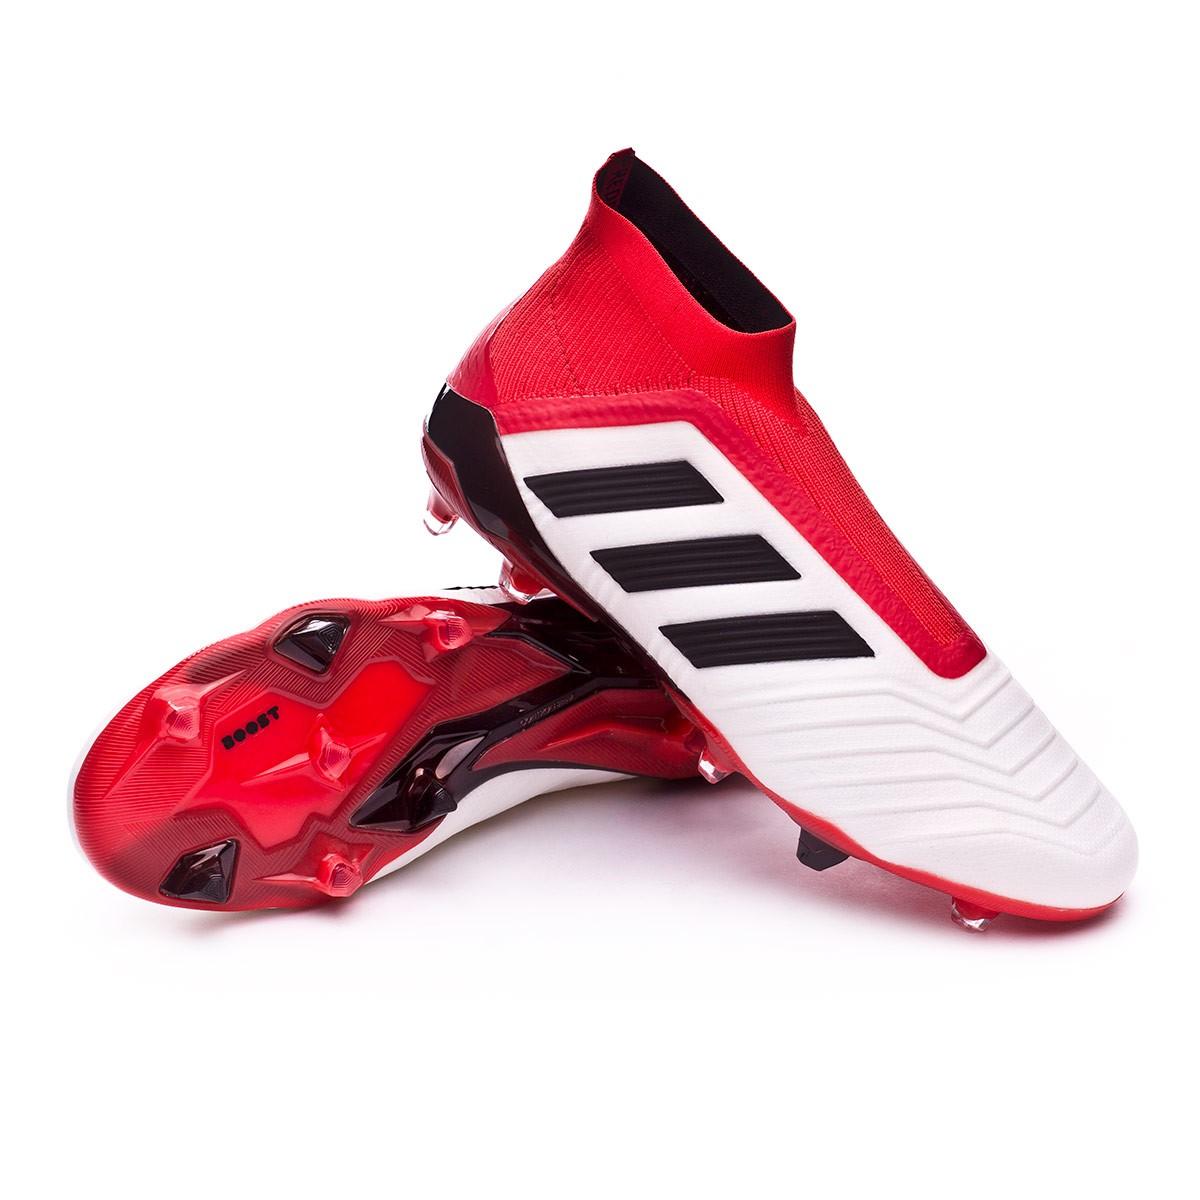 Boot adidas Predator 18+ FG White-Core black-Real coral - Fo